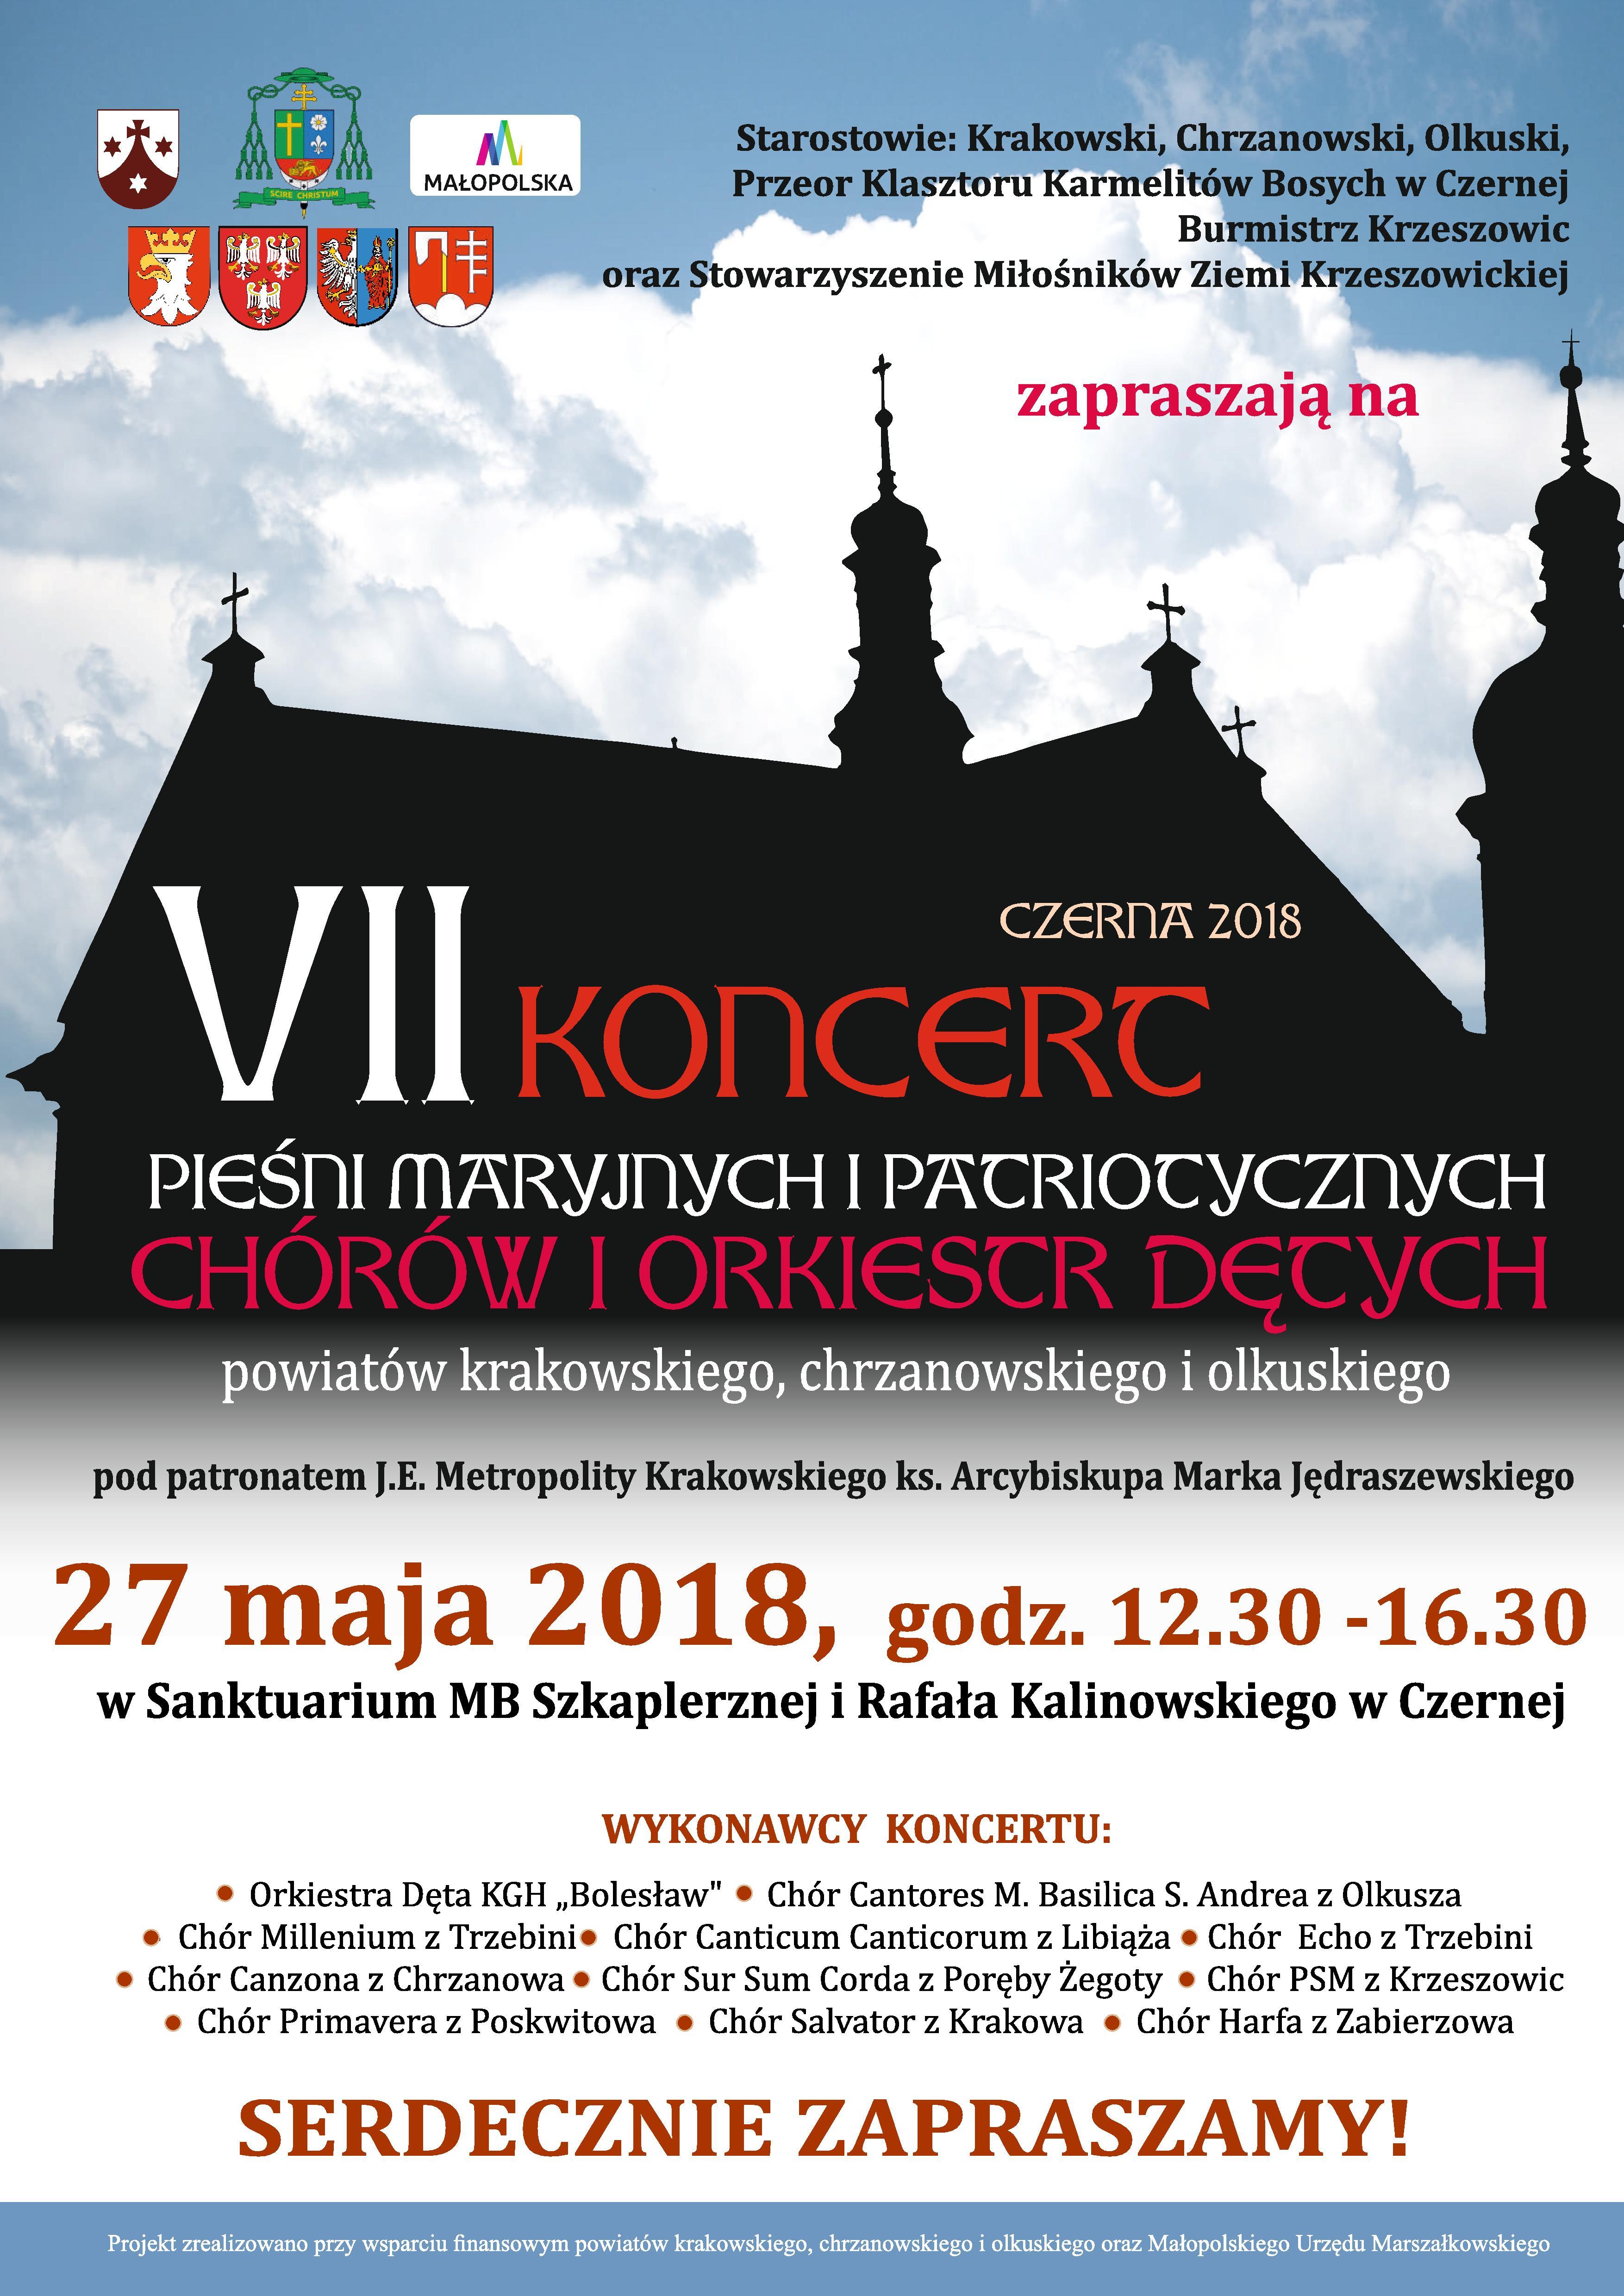 VII Koncert Pieśni Maryjnych i Patriotycznych w Czernej @ Sanktuarium MB Szkaplerznej i Rafała Kalinowskiego | Czerna | małopolskie | Polska